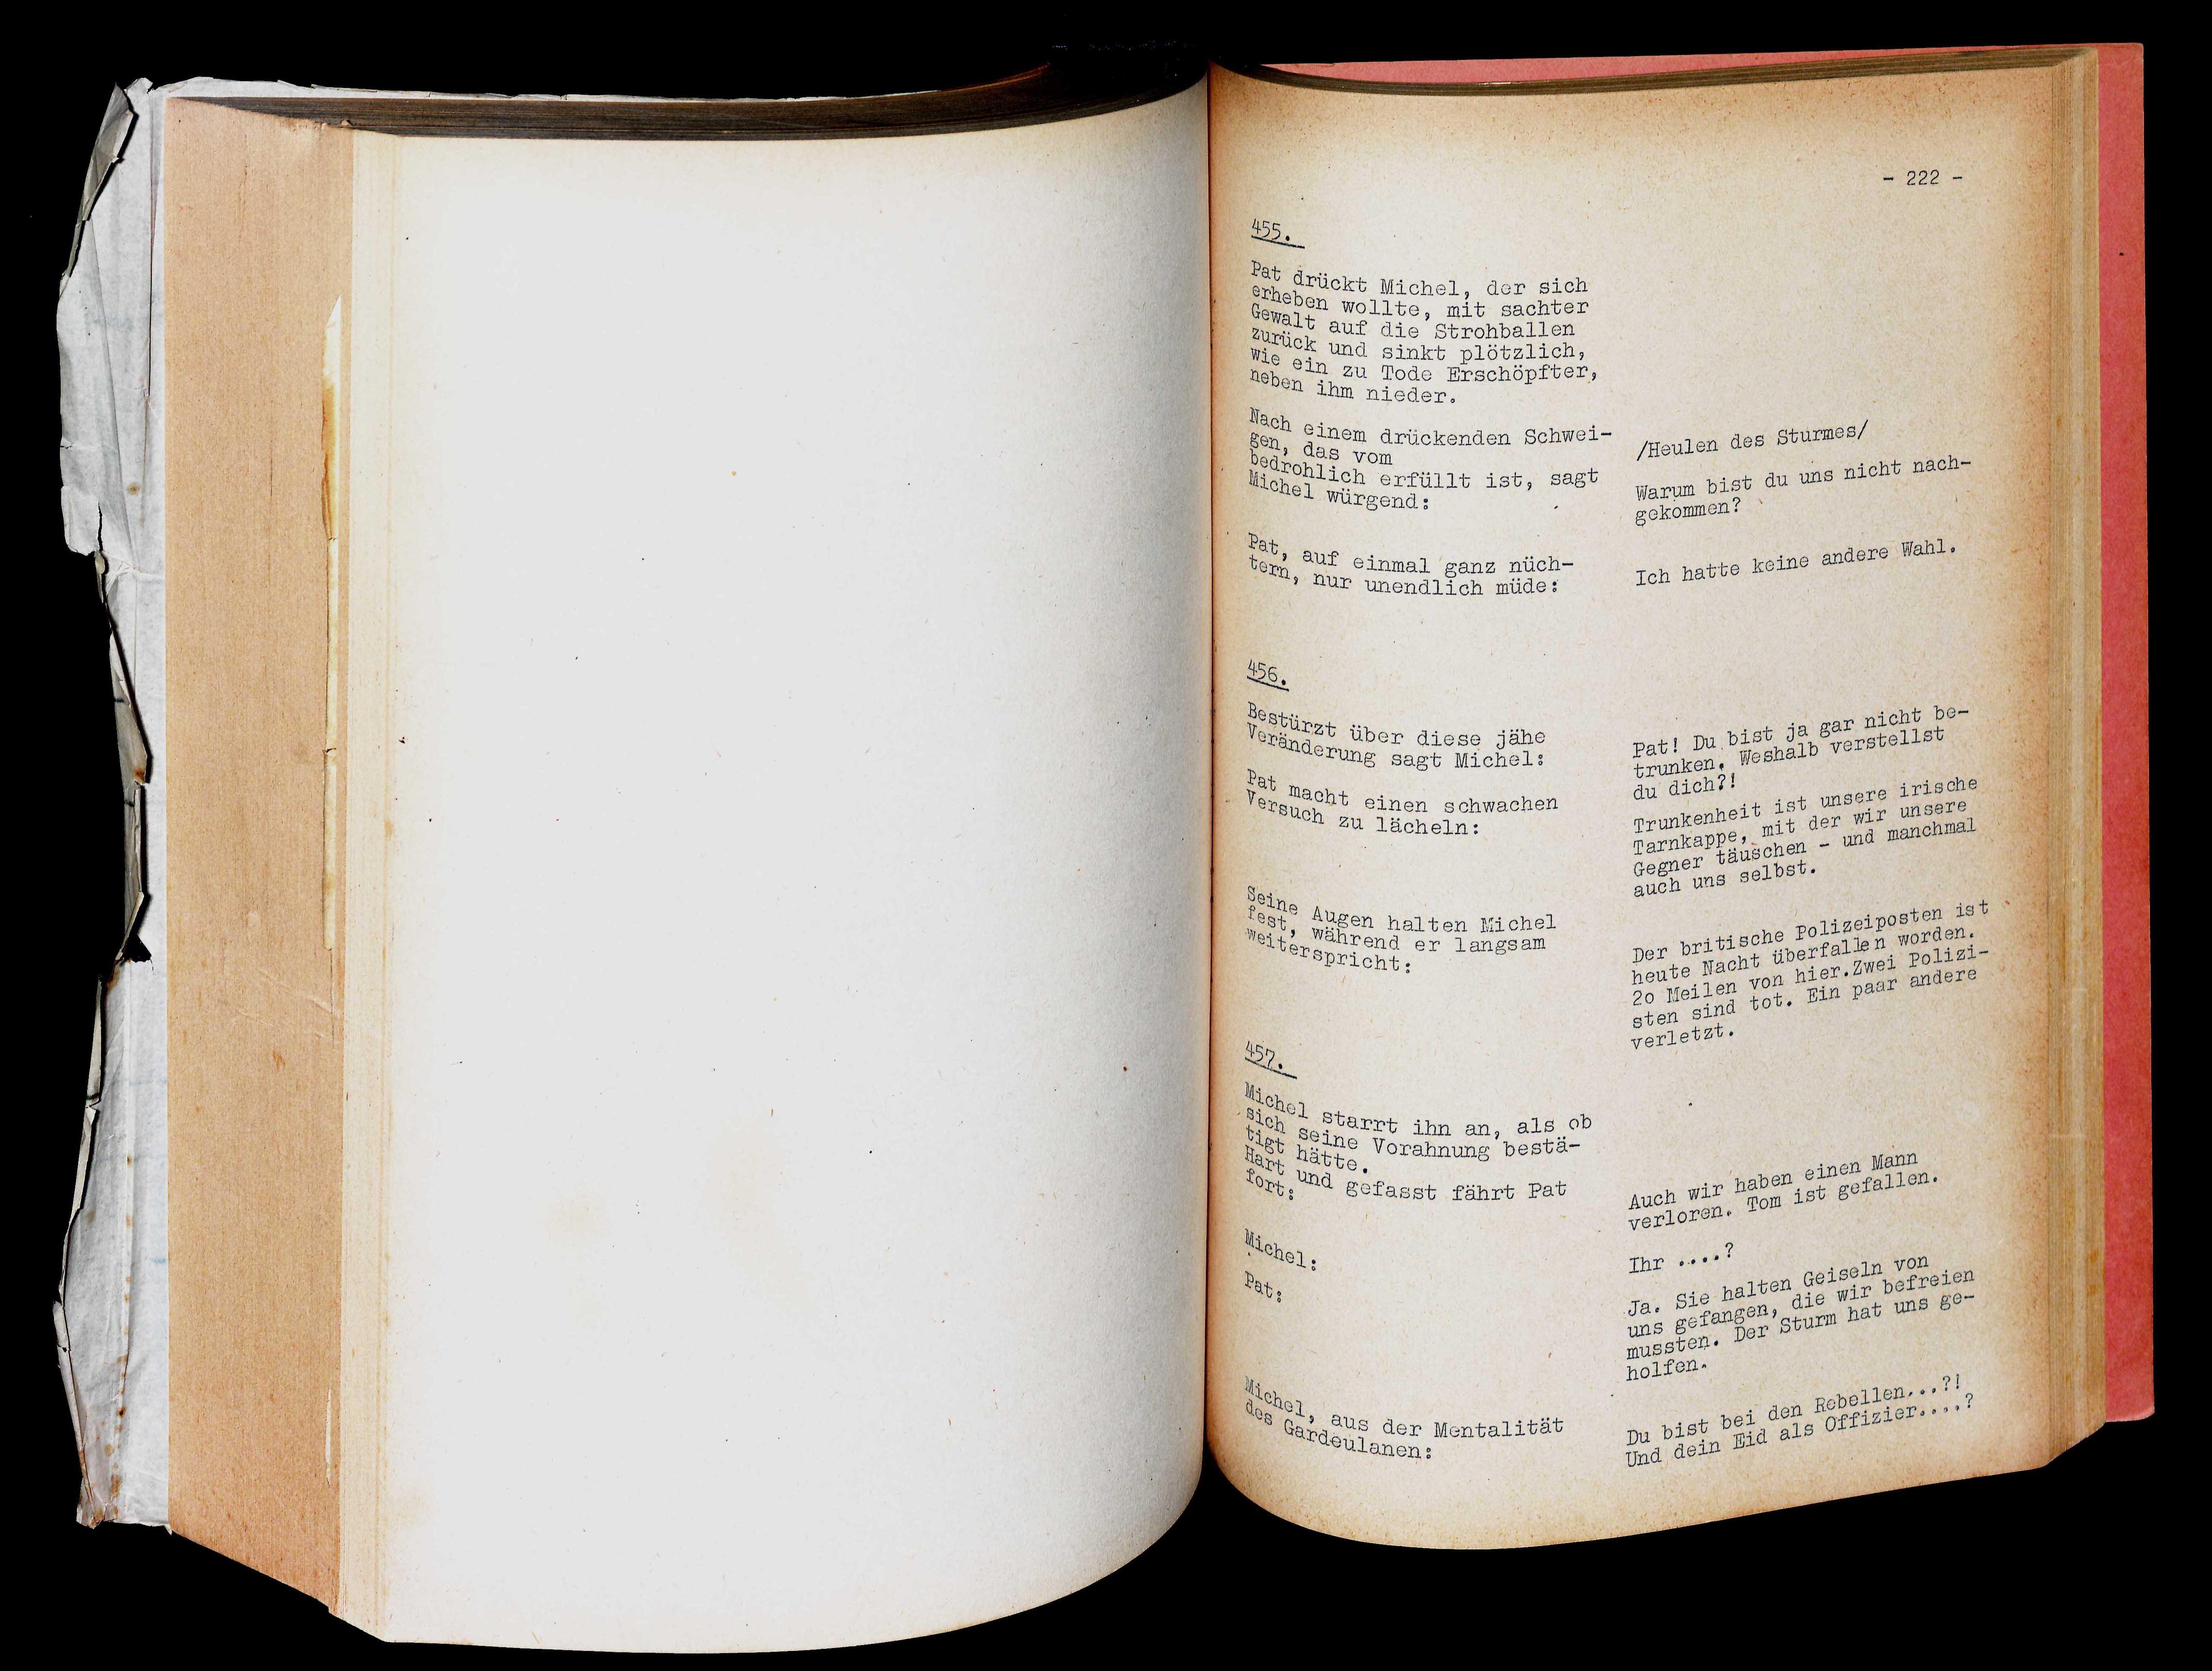 MEINES VATERS PFERDE (1953) Drehbuch (Auszug) 3